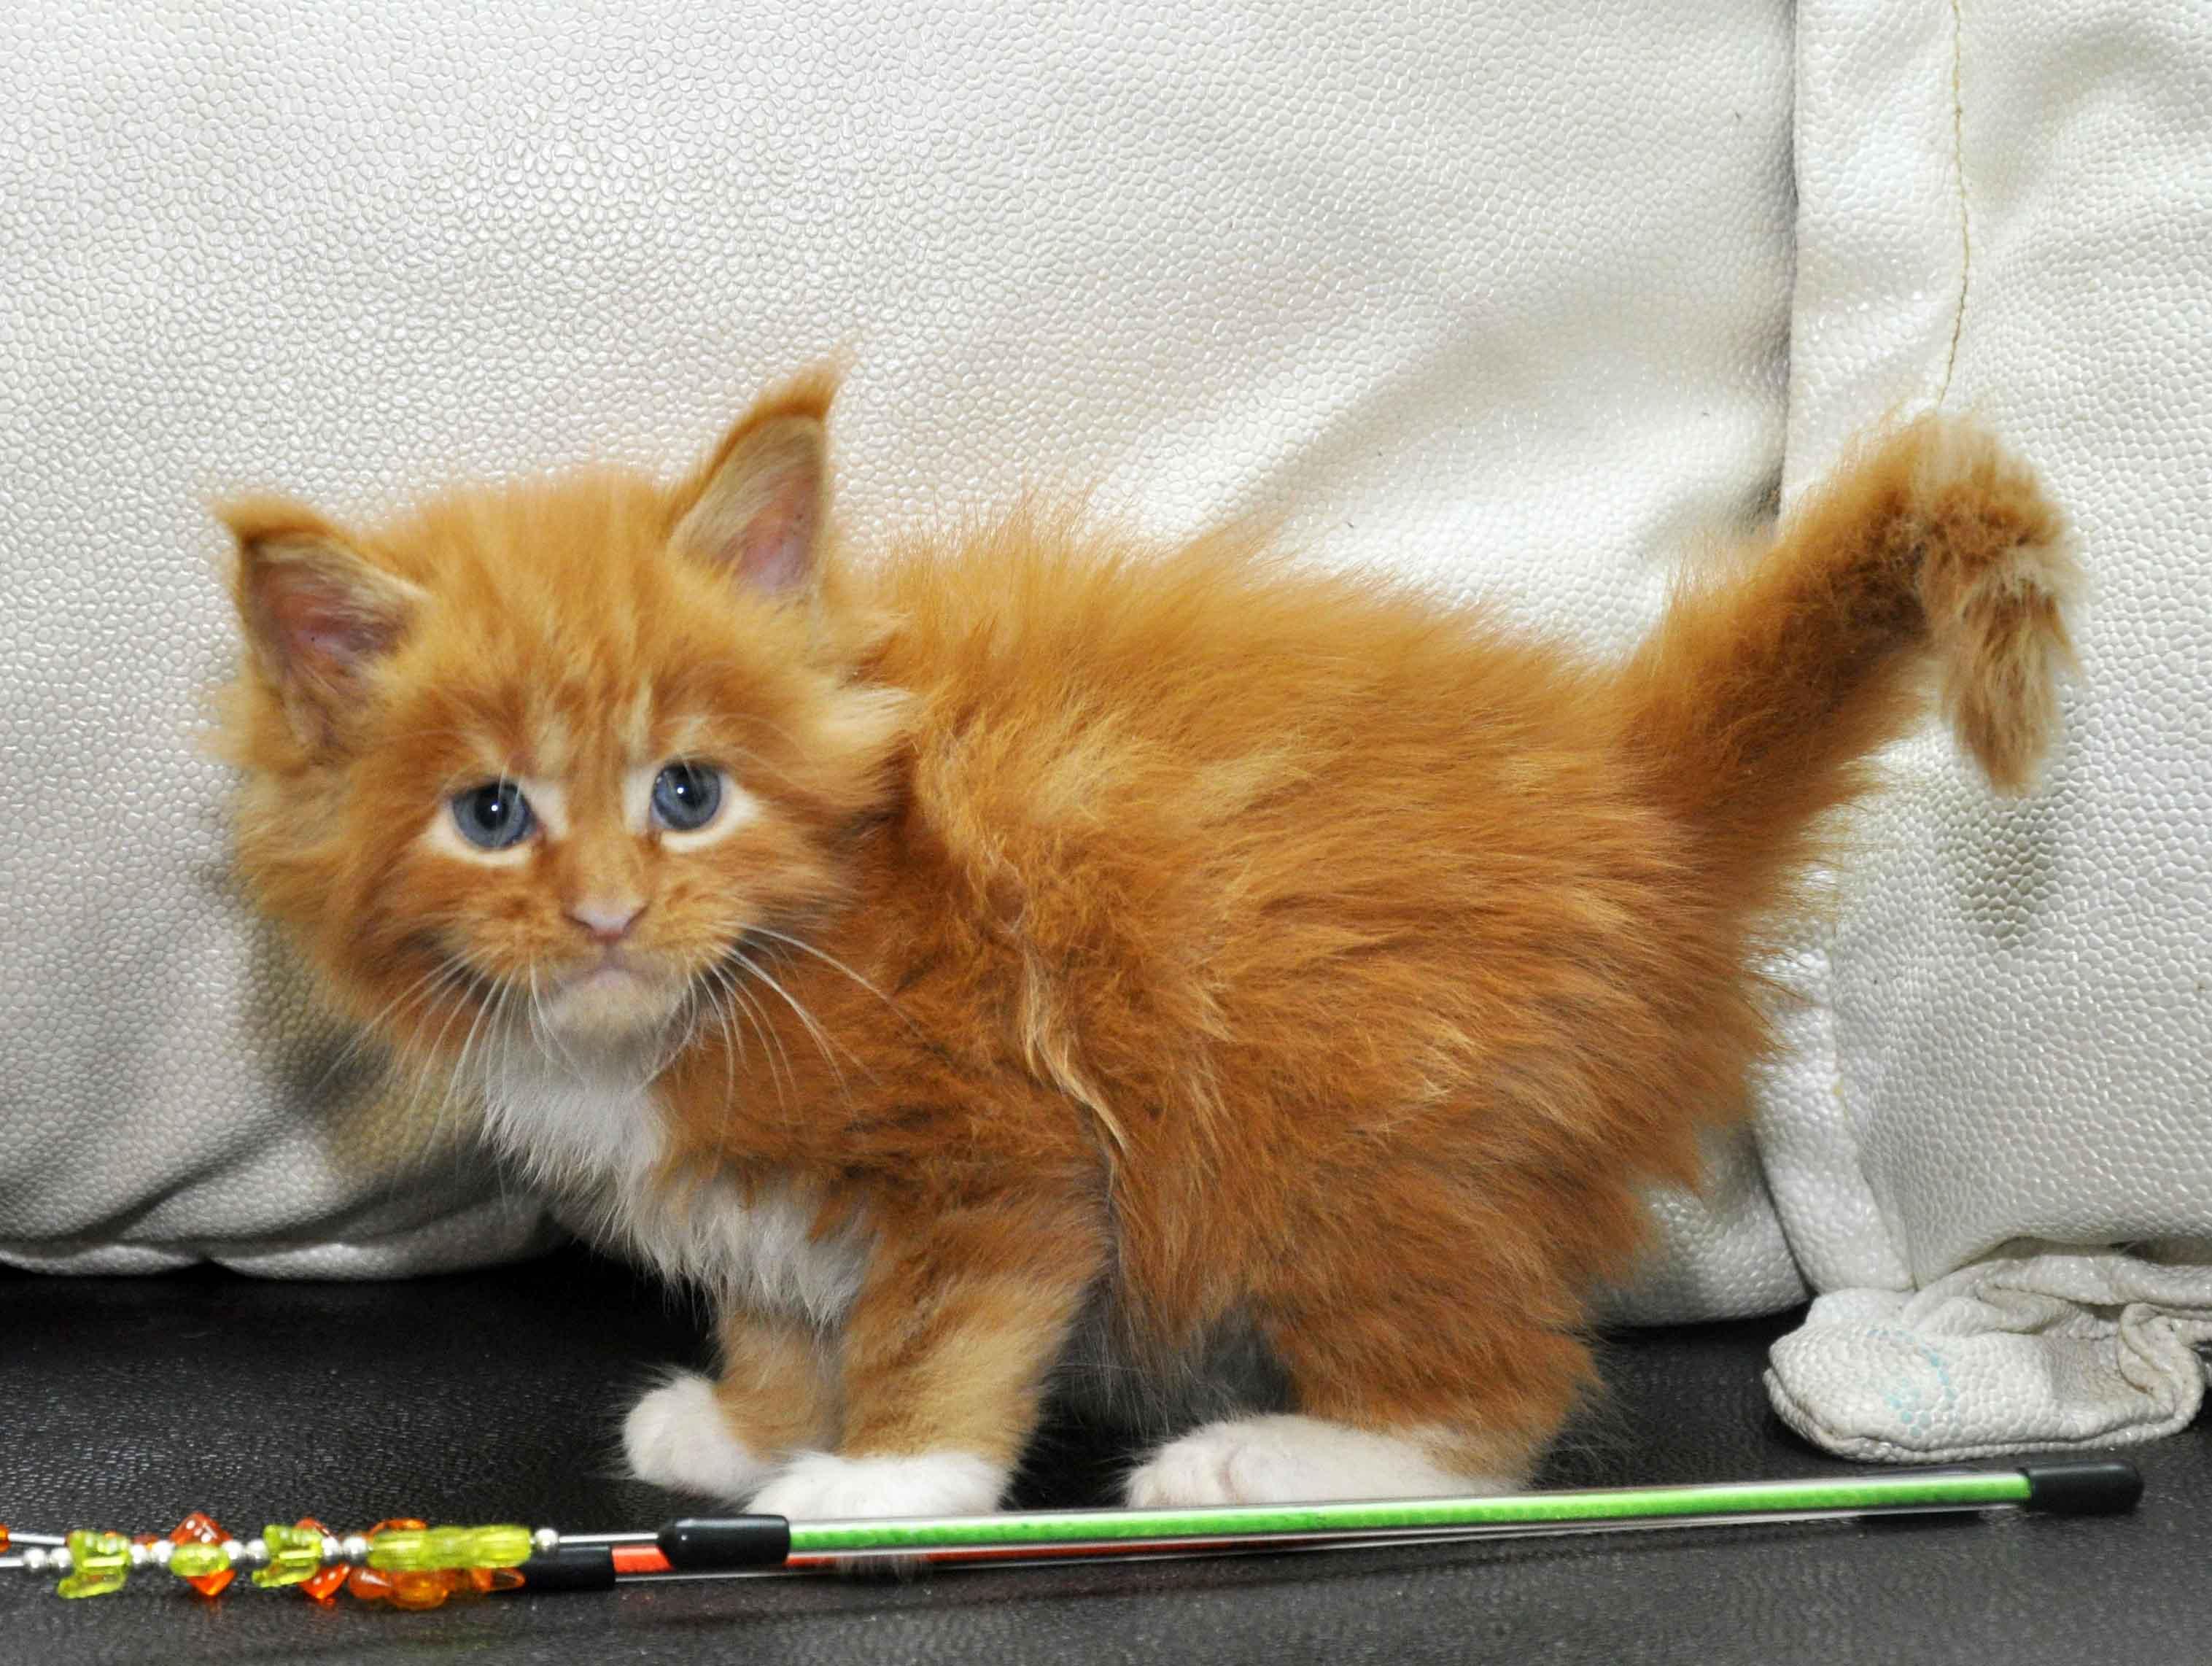 Котята Мейн Кун окрас красный мрамор с белым фото 11